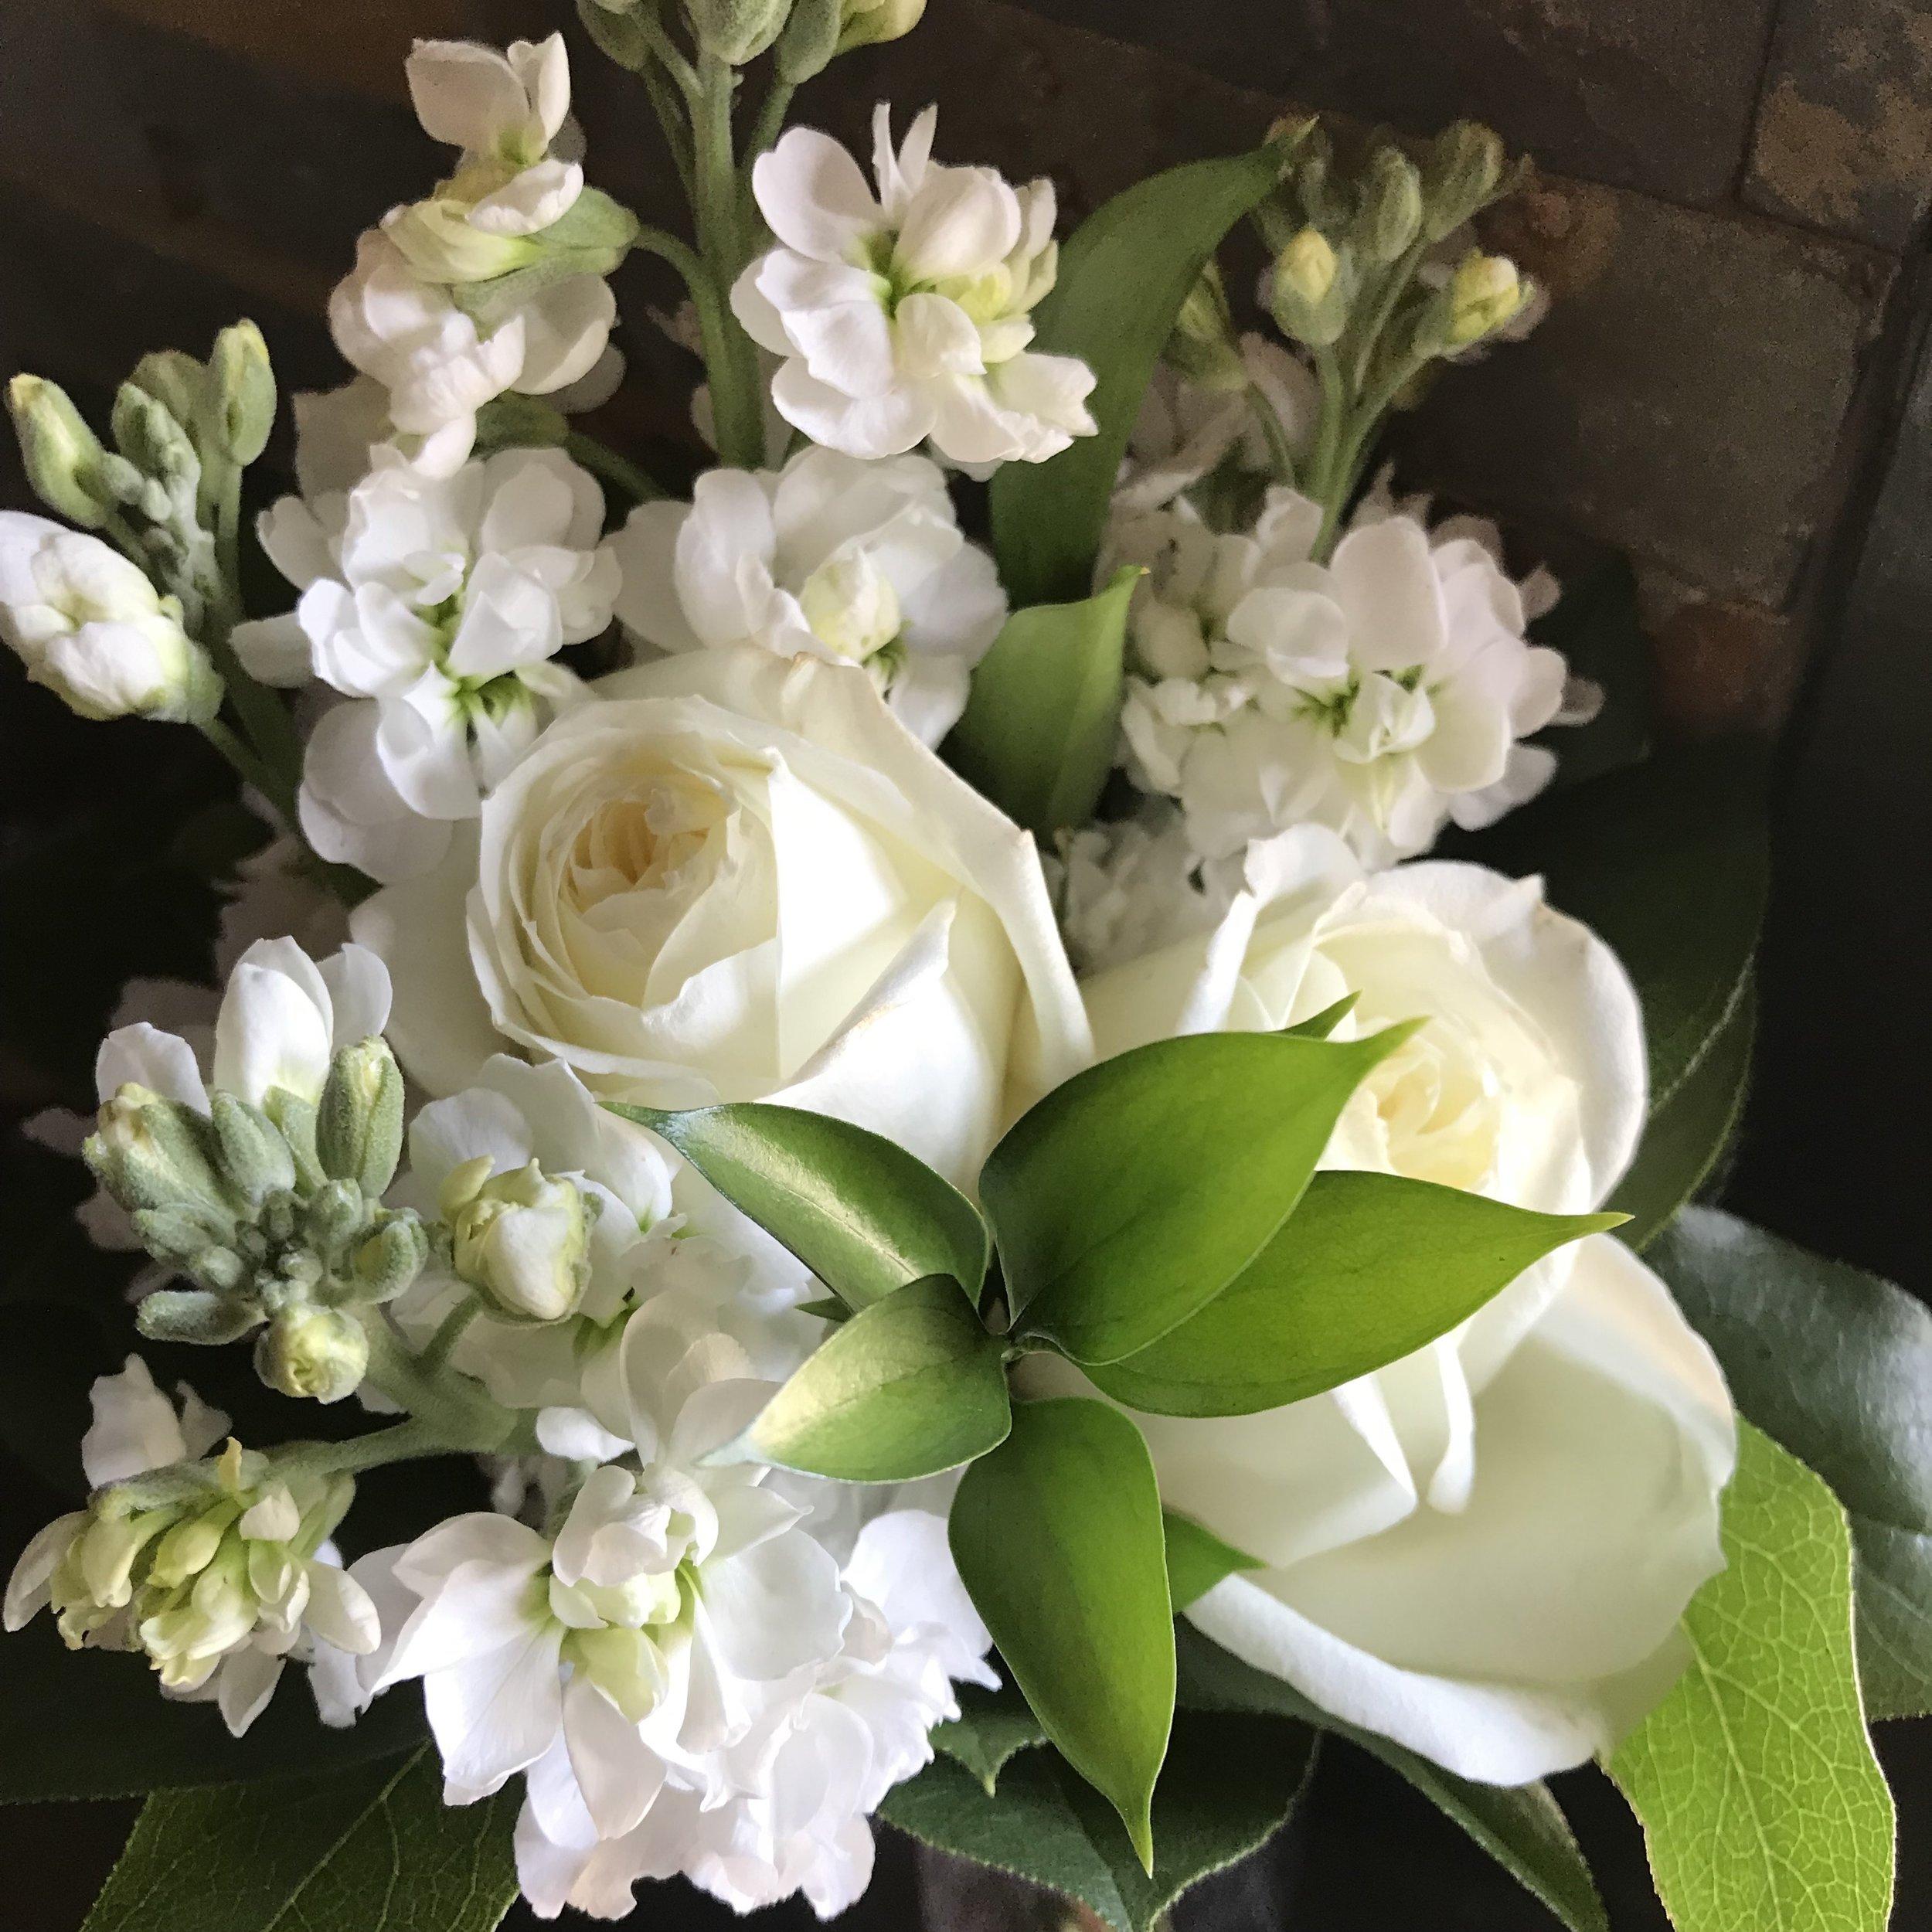 Flowers by McNamara by DJ Jim Cerone